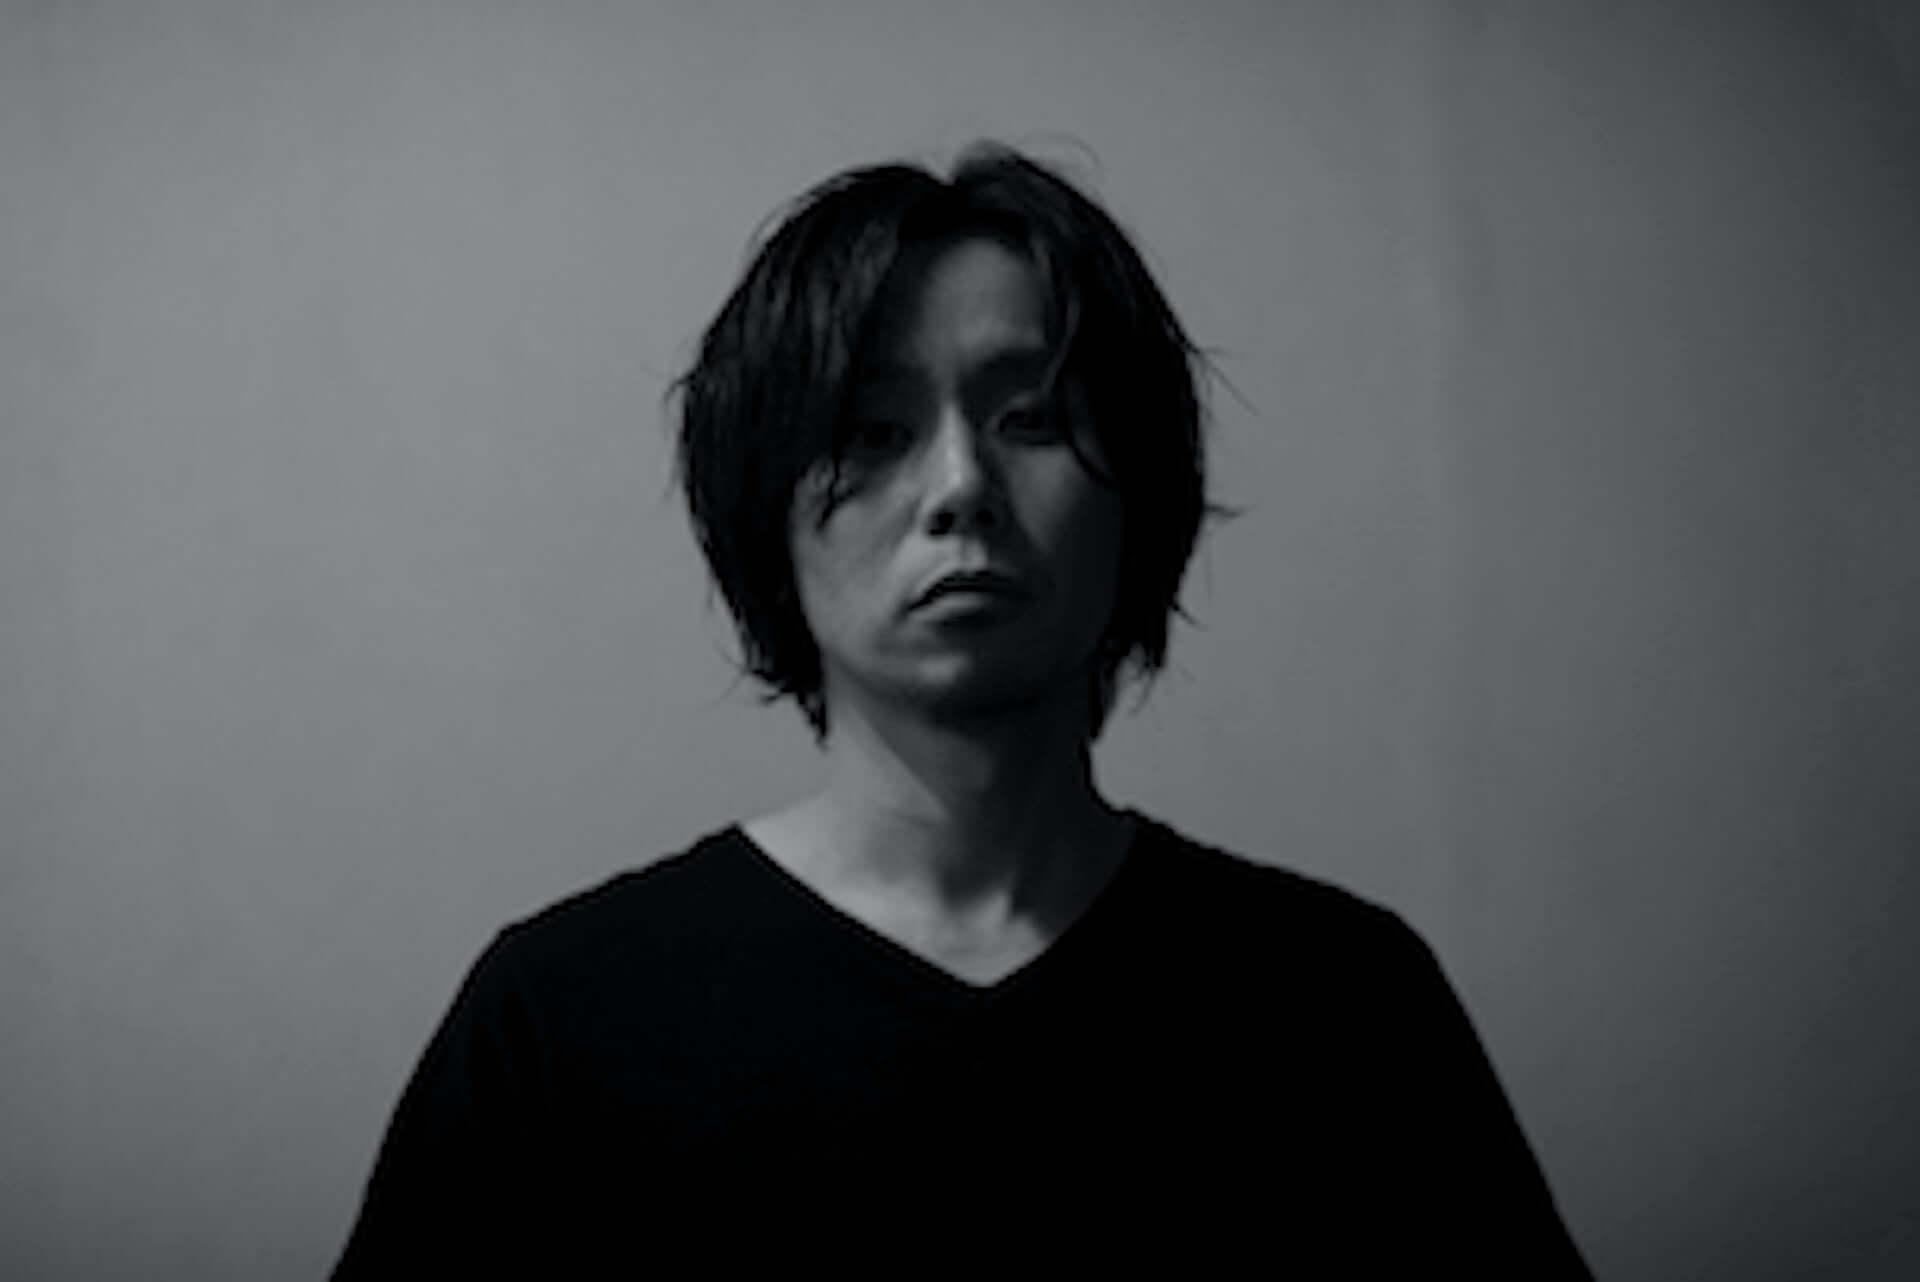 clubberiaとWOMBによるプロジェクト<クロストーキョー>第2弾が開催決定!SEKITOVA、Mars89、NAOTO TSUJITAが出演 music201109_cross-tokyo_4-1920x1282